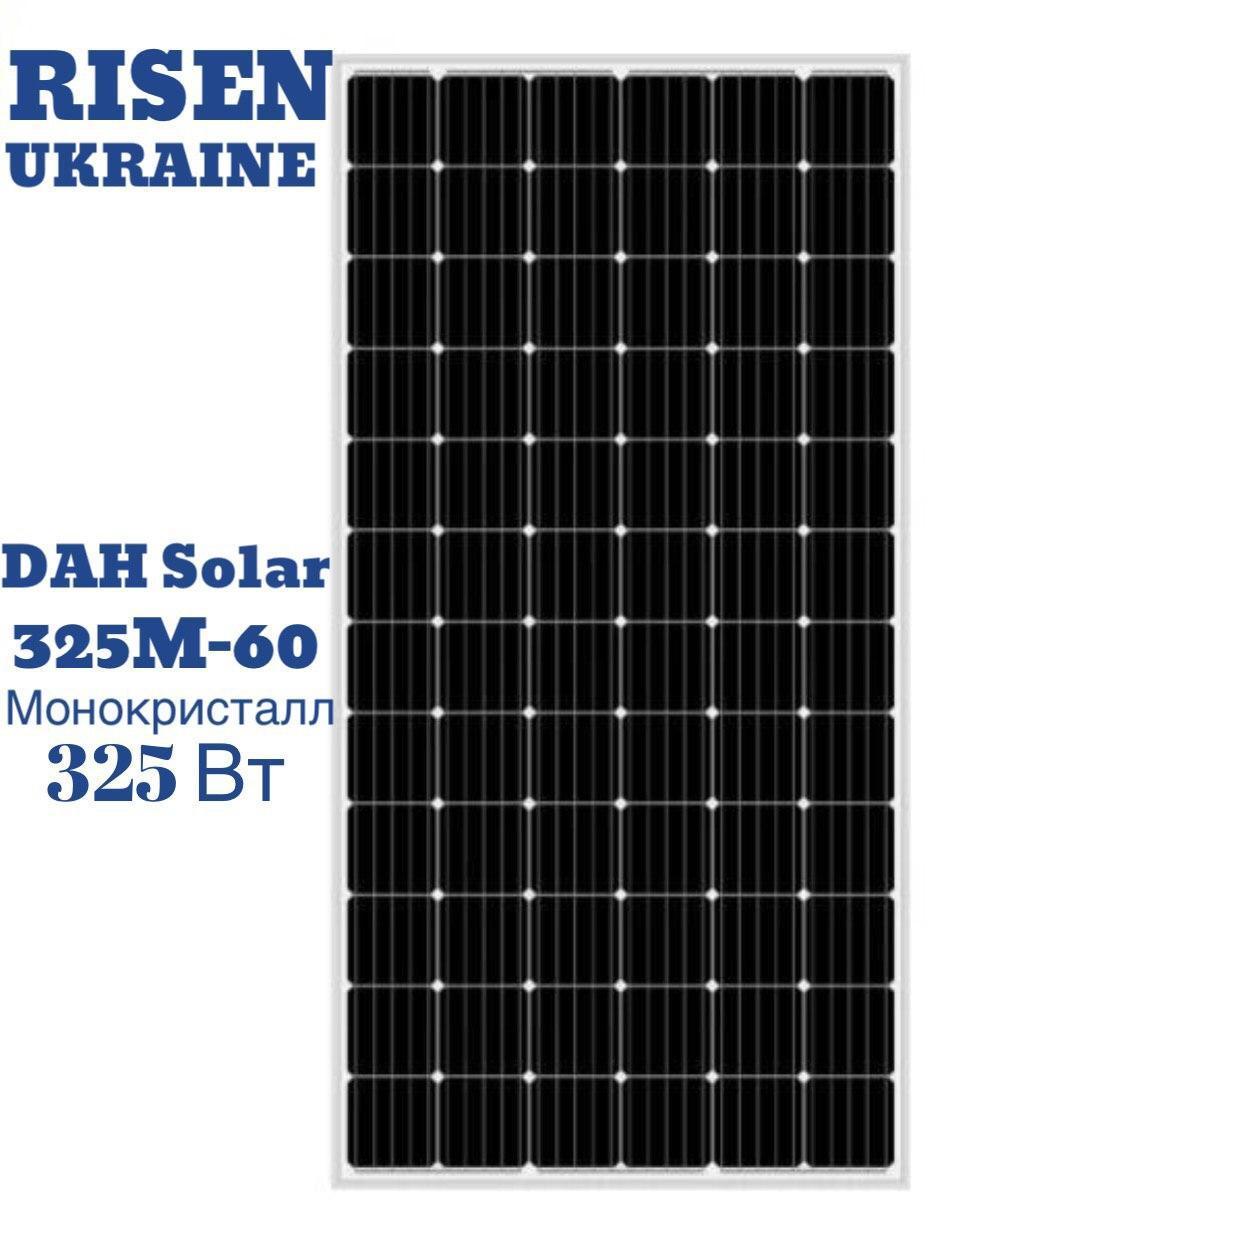 Солнечная батарея DАH Solar PERC DHM60-325